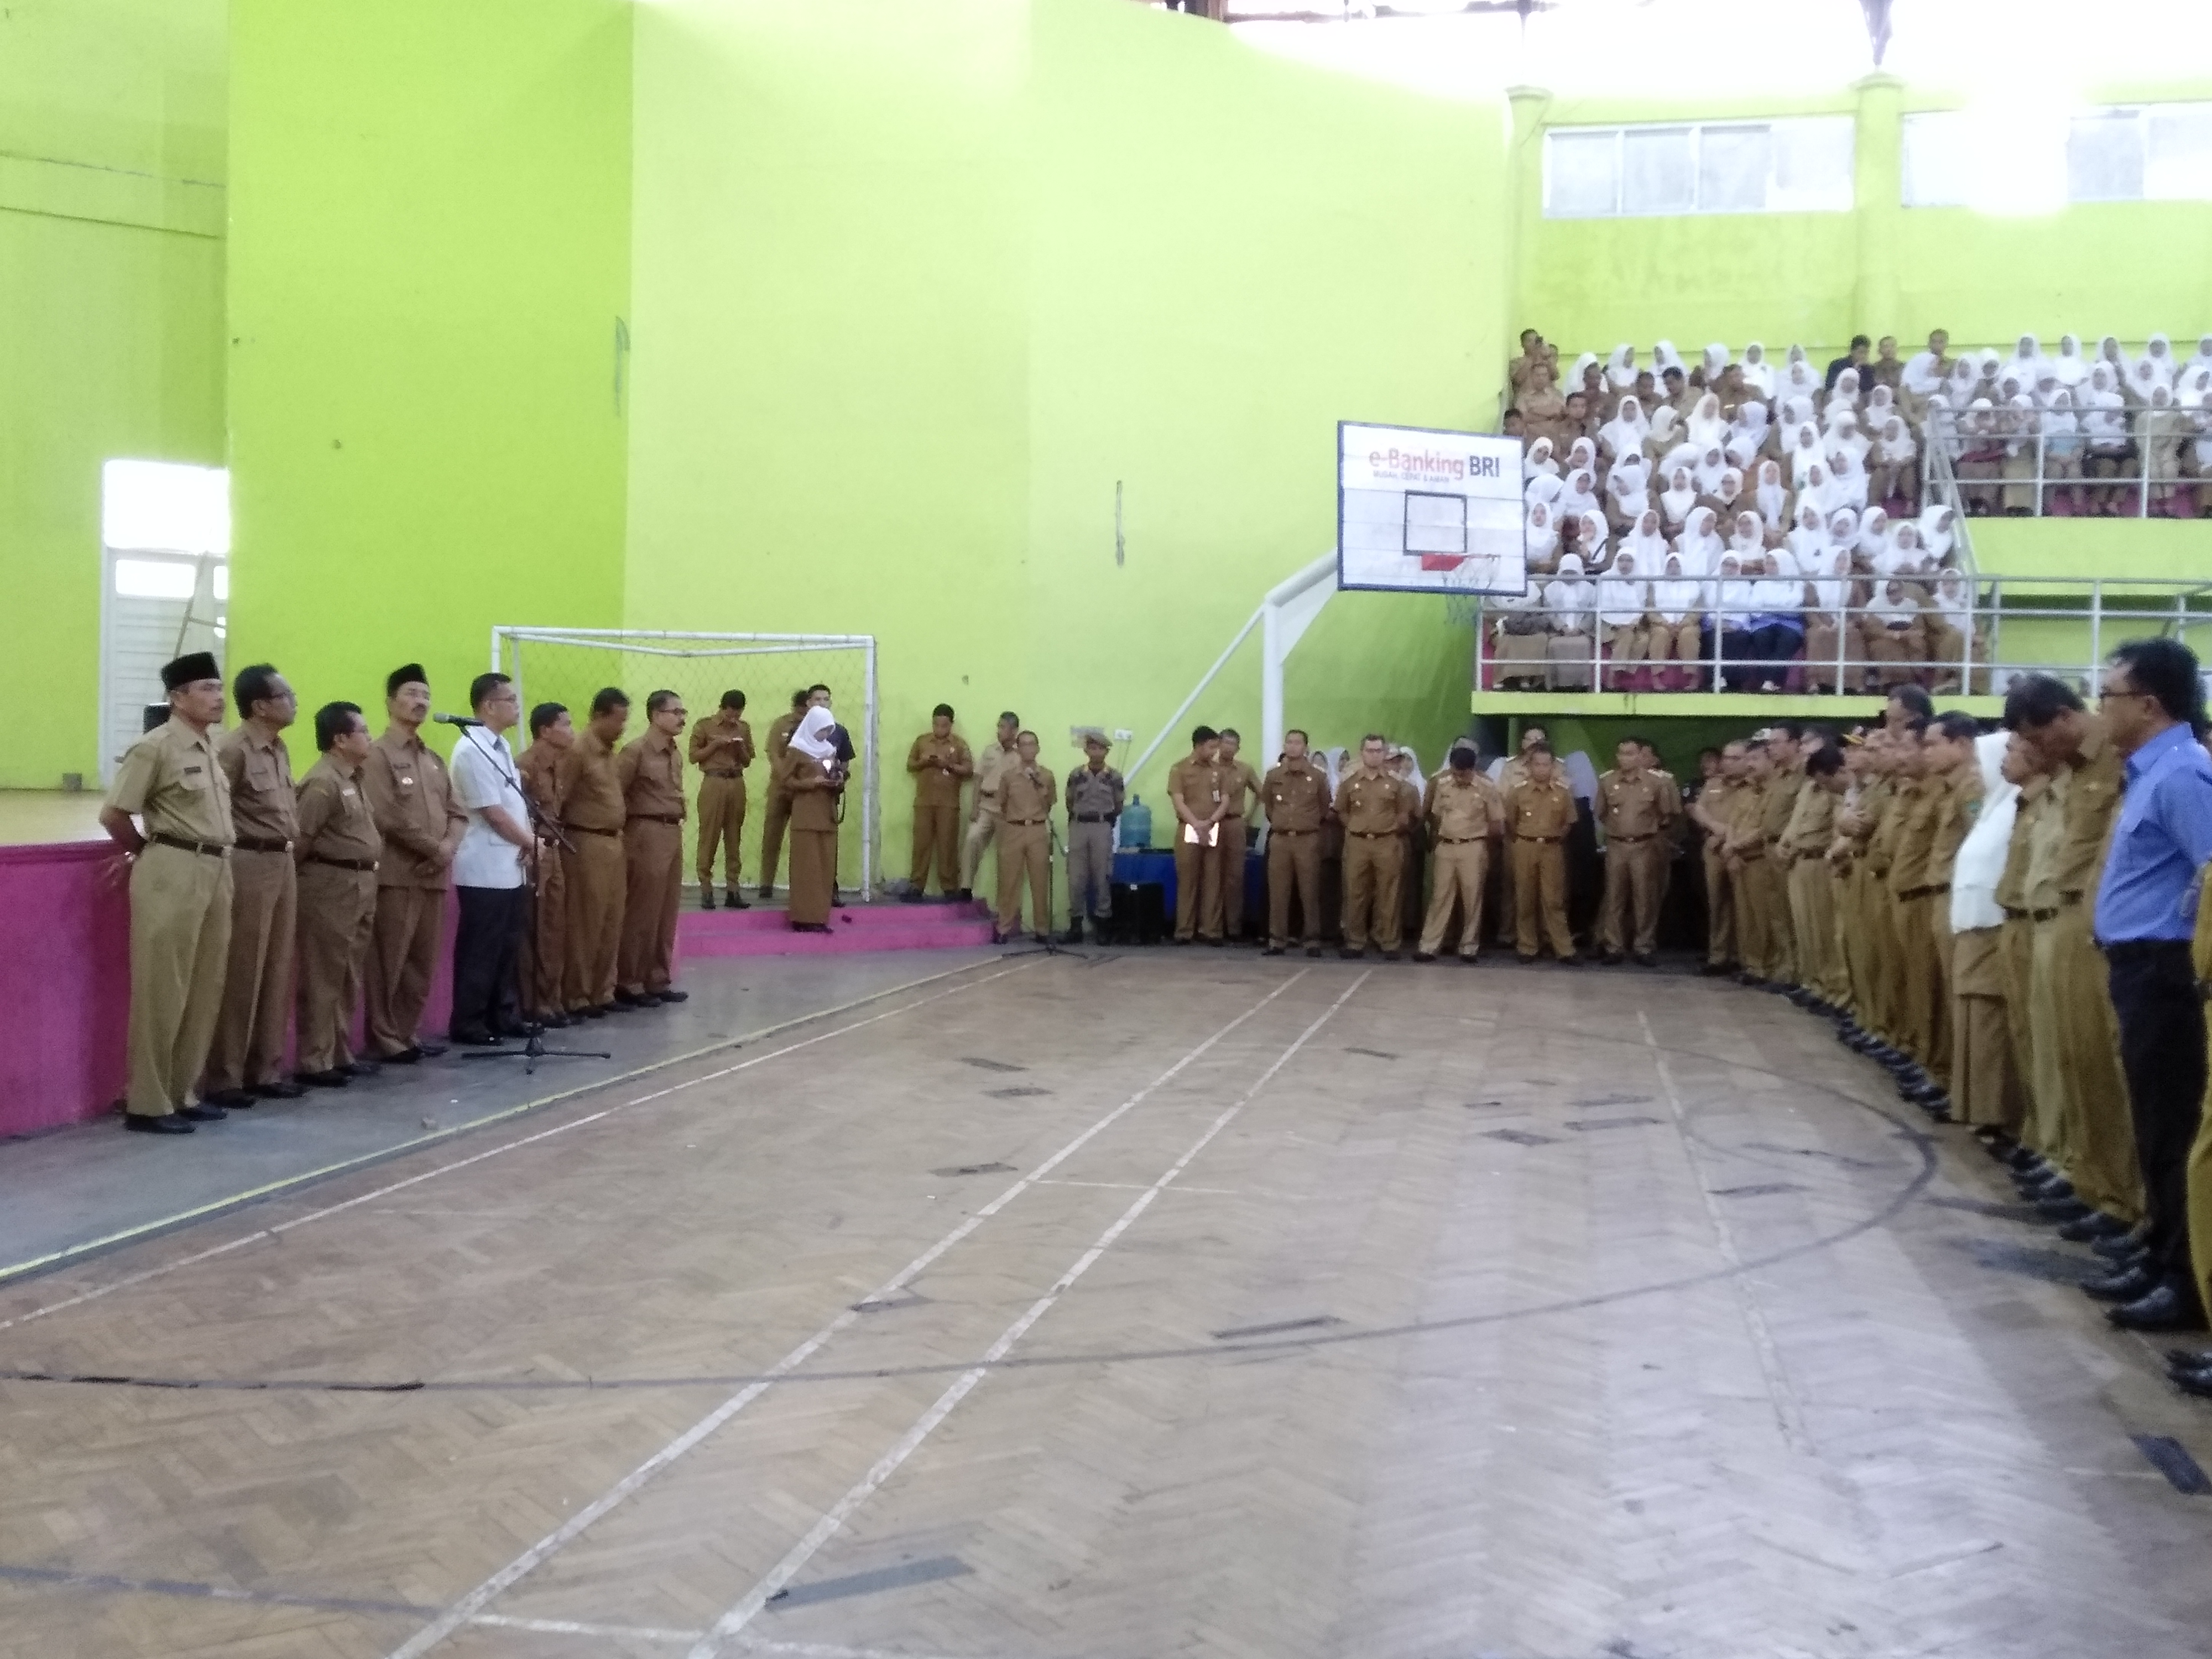 Sambutan Bupati Pasaman, saat apel di Gor Tuanku Rao Lubuk Sikaping, Senin (31/12).